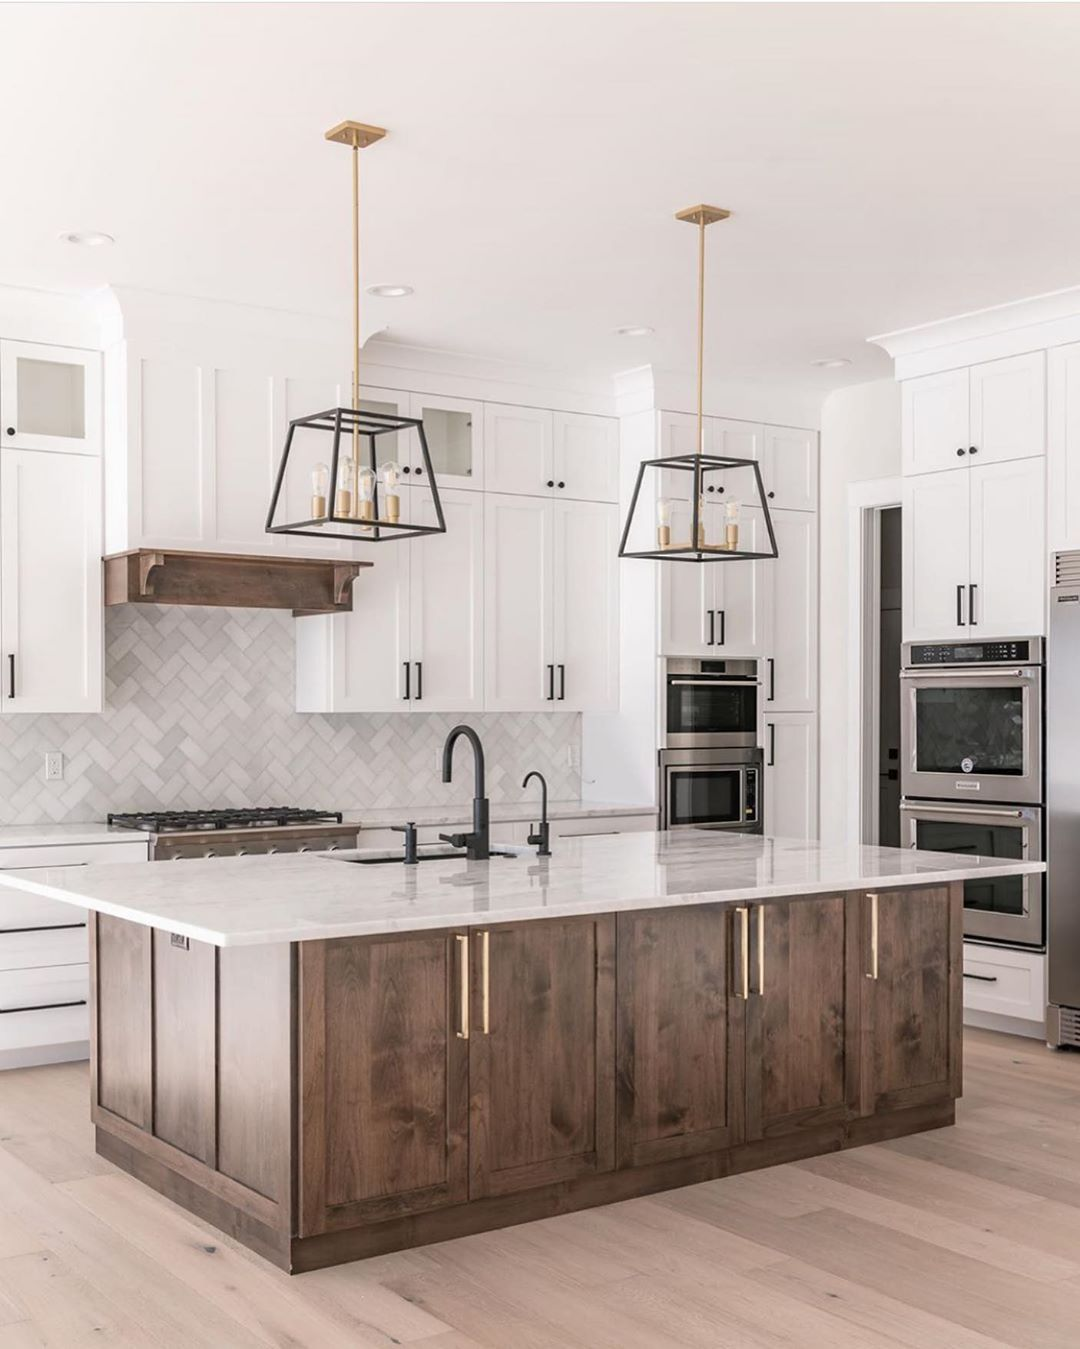 Kitchens Of Instagram On Instagram Dream Kitchen By Murdockbuildersutah Photo By Rebekahwestoverphotog Dream Kitchen Kitchen Design Home Decor Kitchen